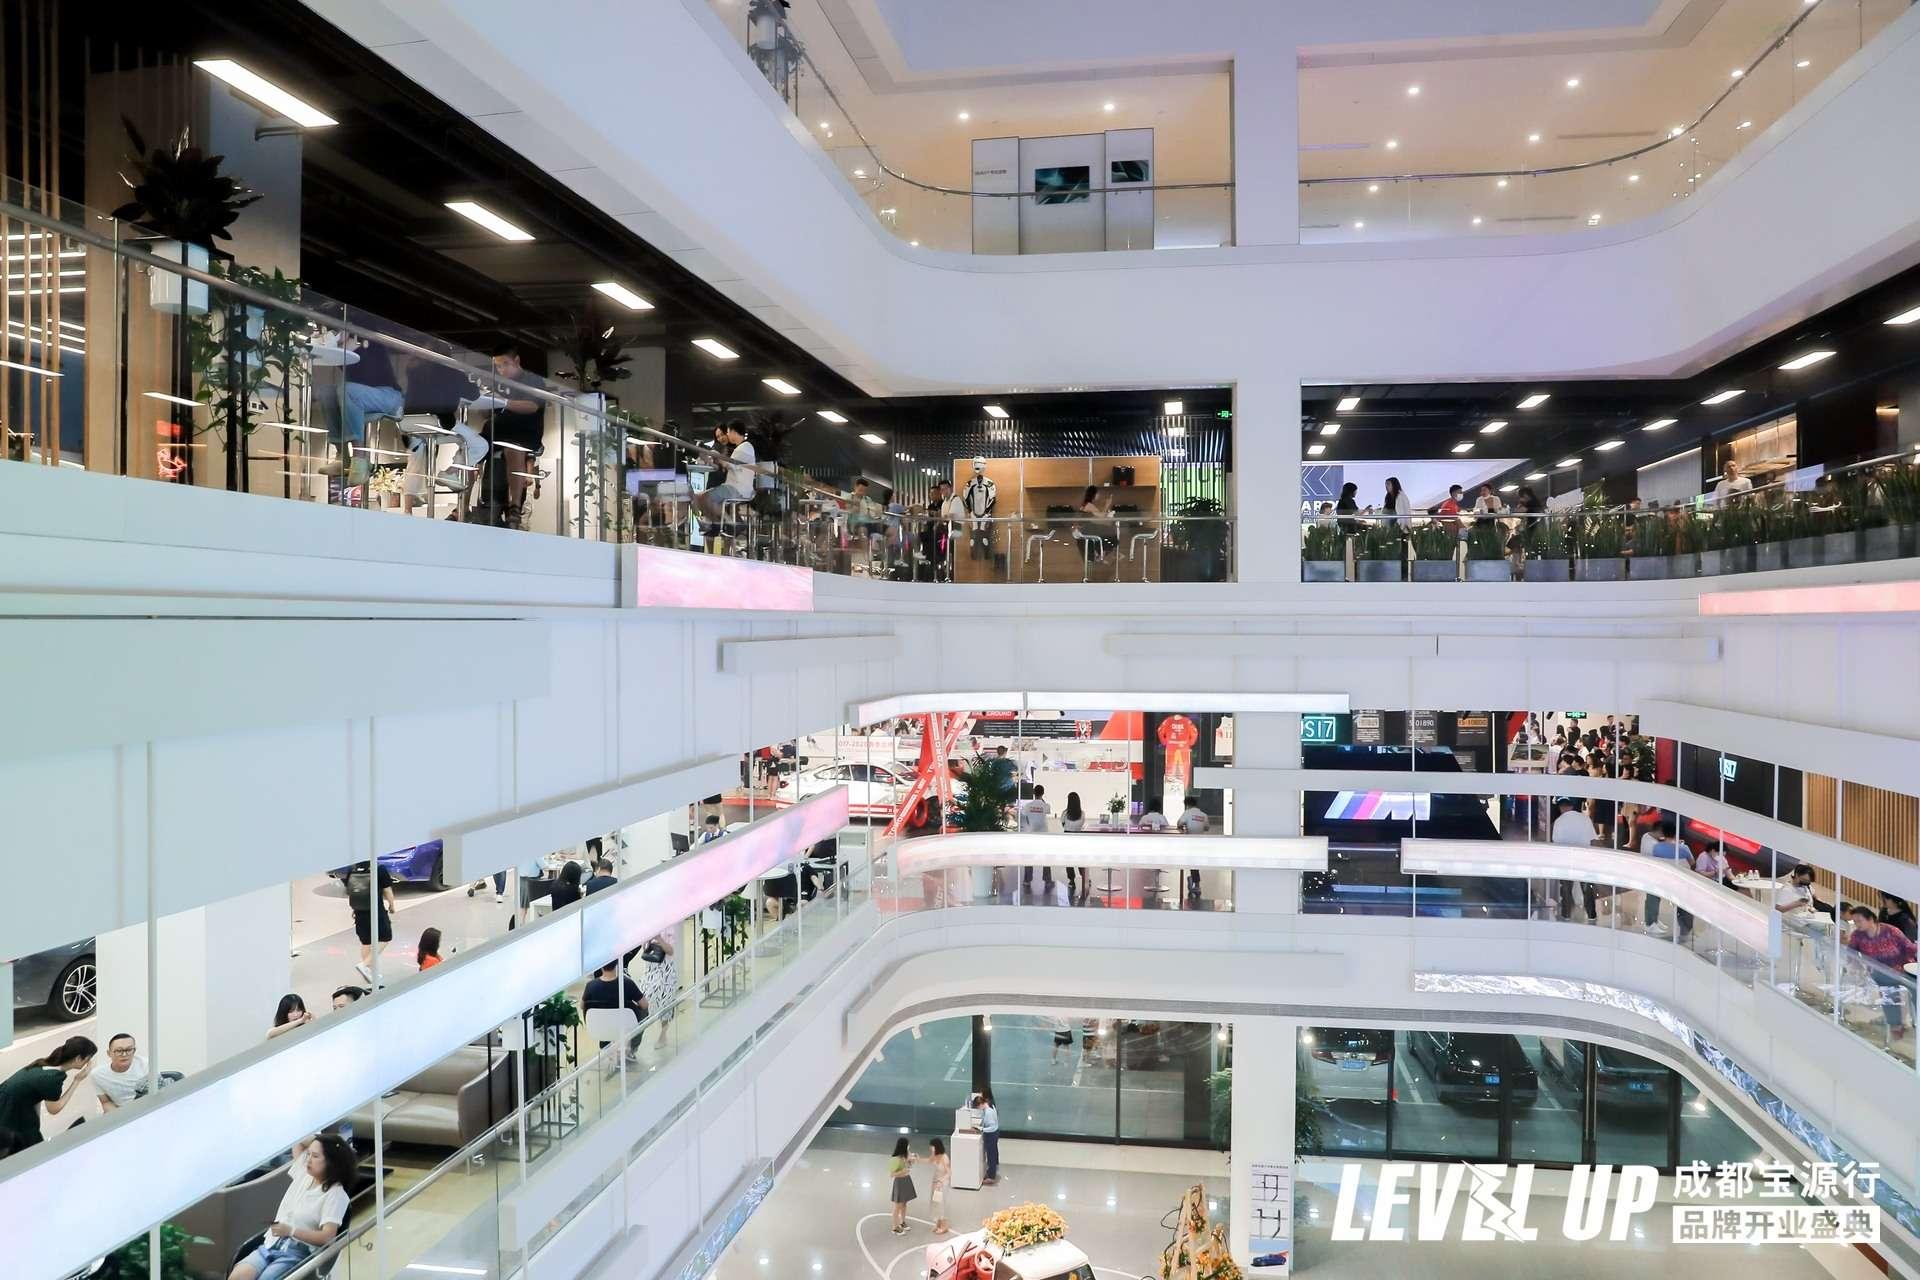 宝马集团全品牌多文化经销店成都创新升级